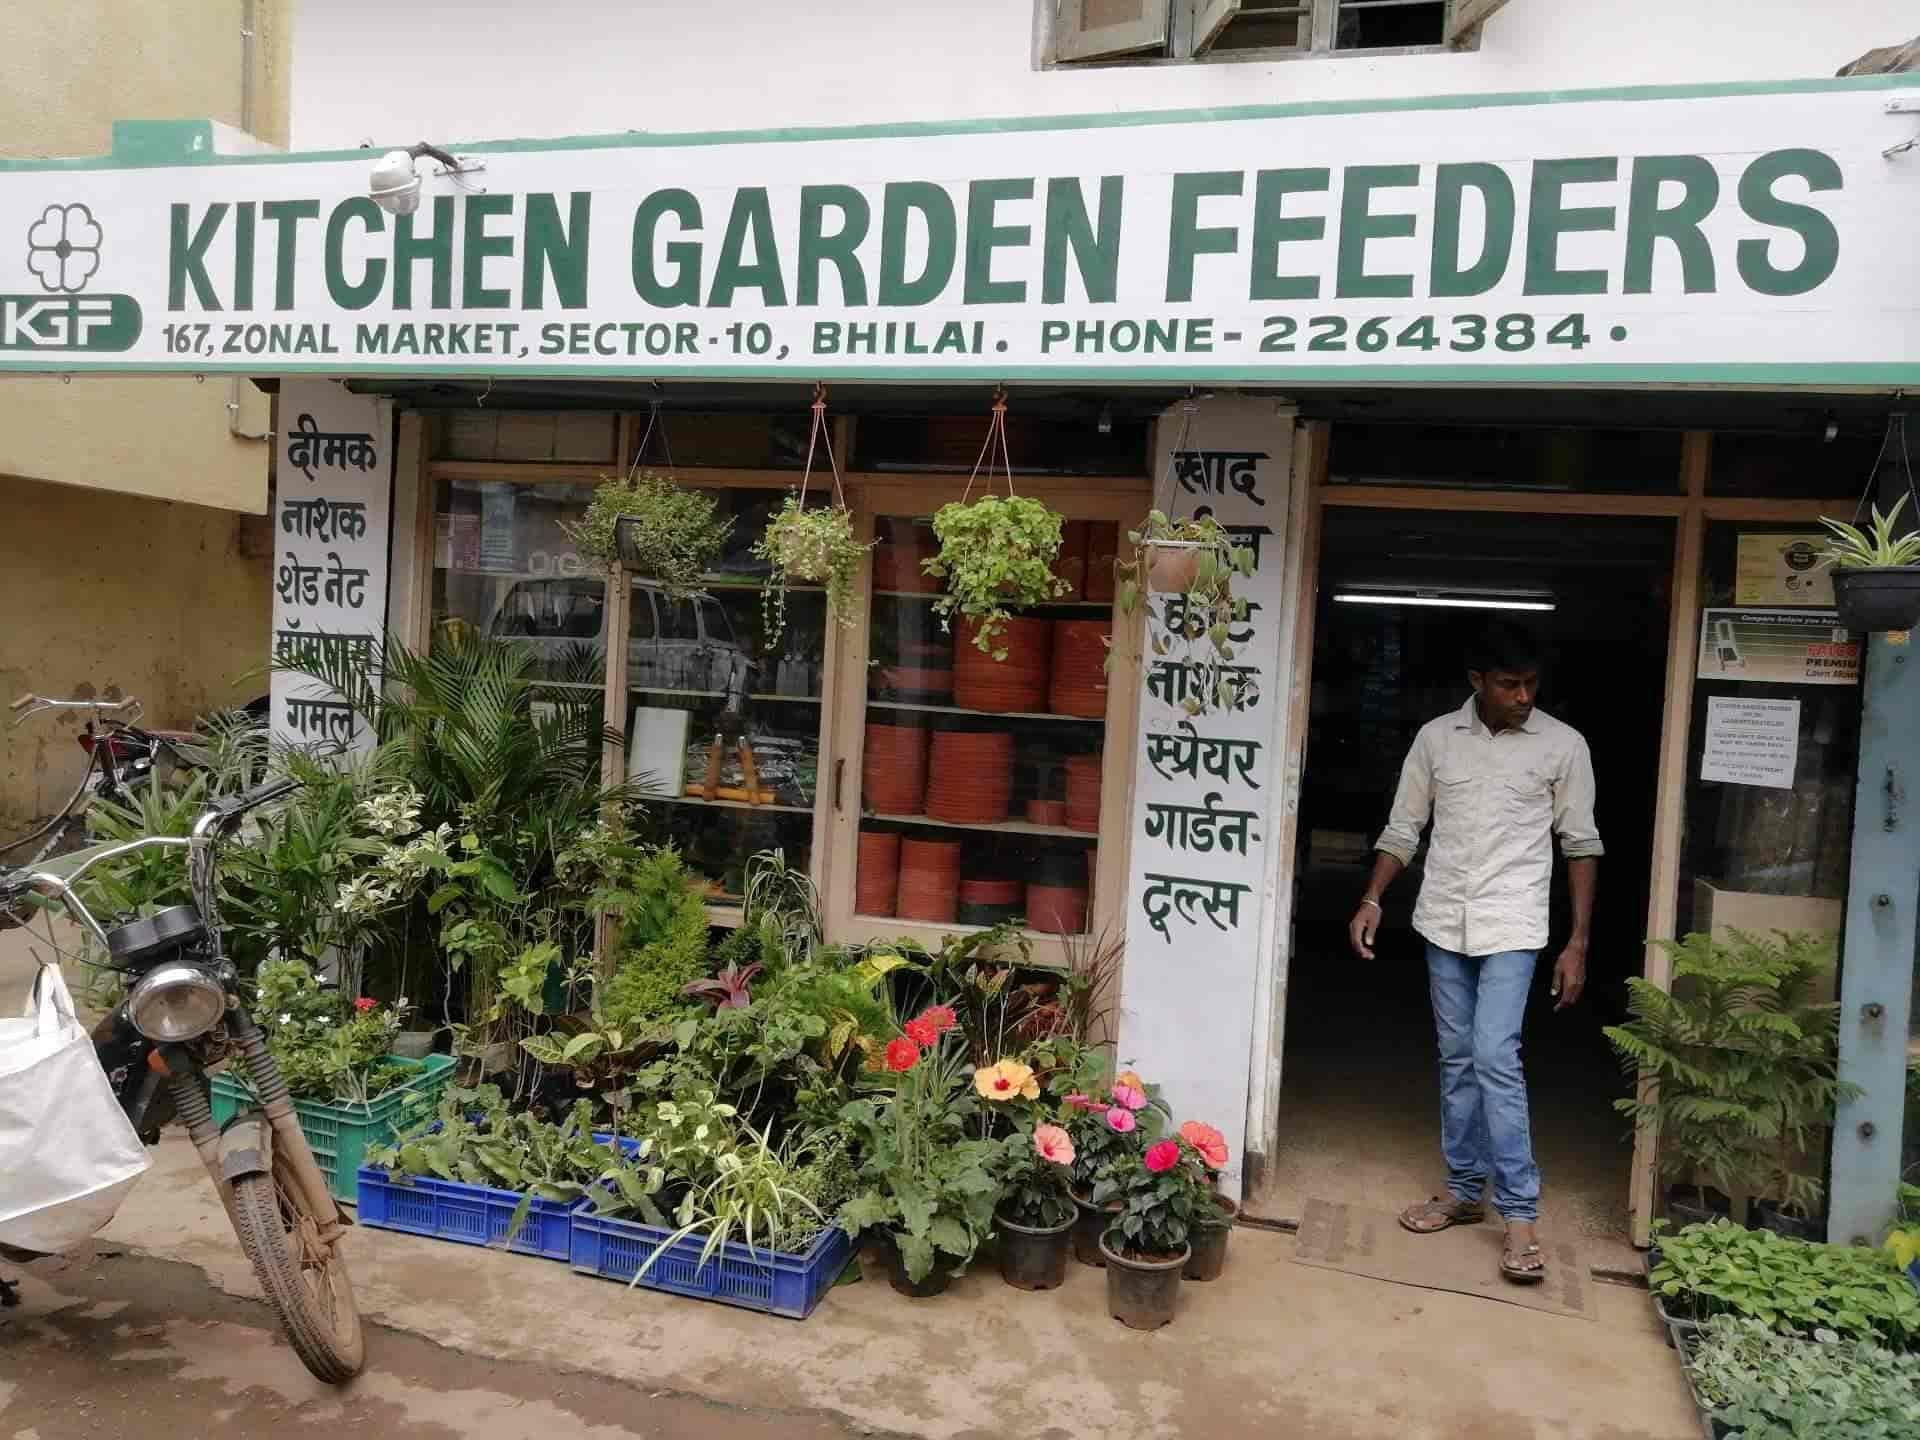 Kitchen Garden Feeders Photos Bhilai Sector 10 Durg Pictures